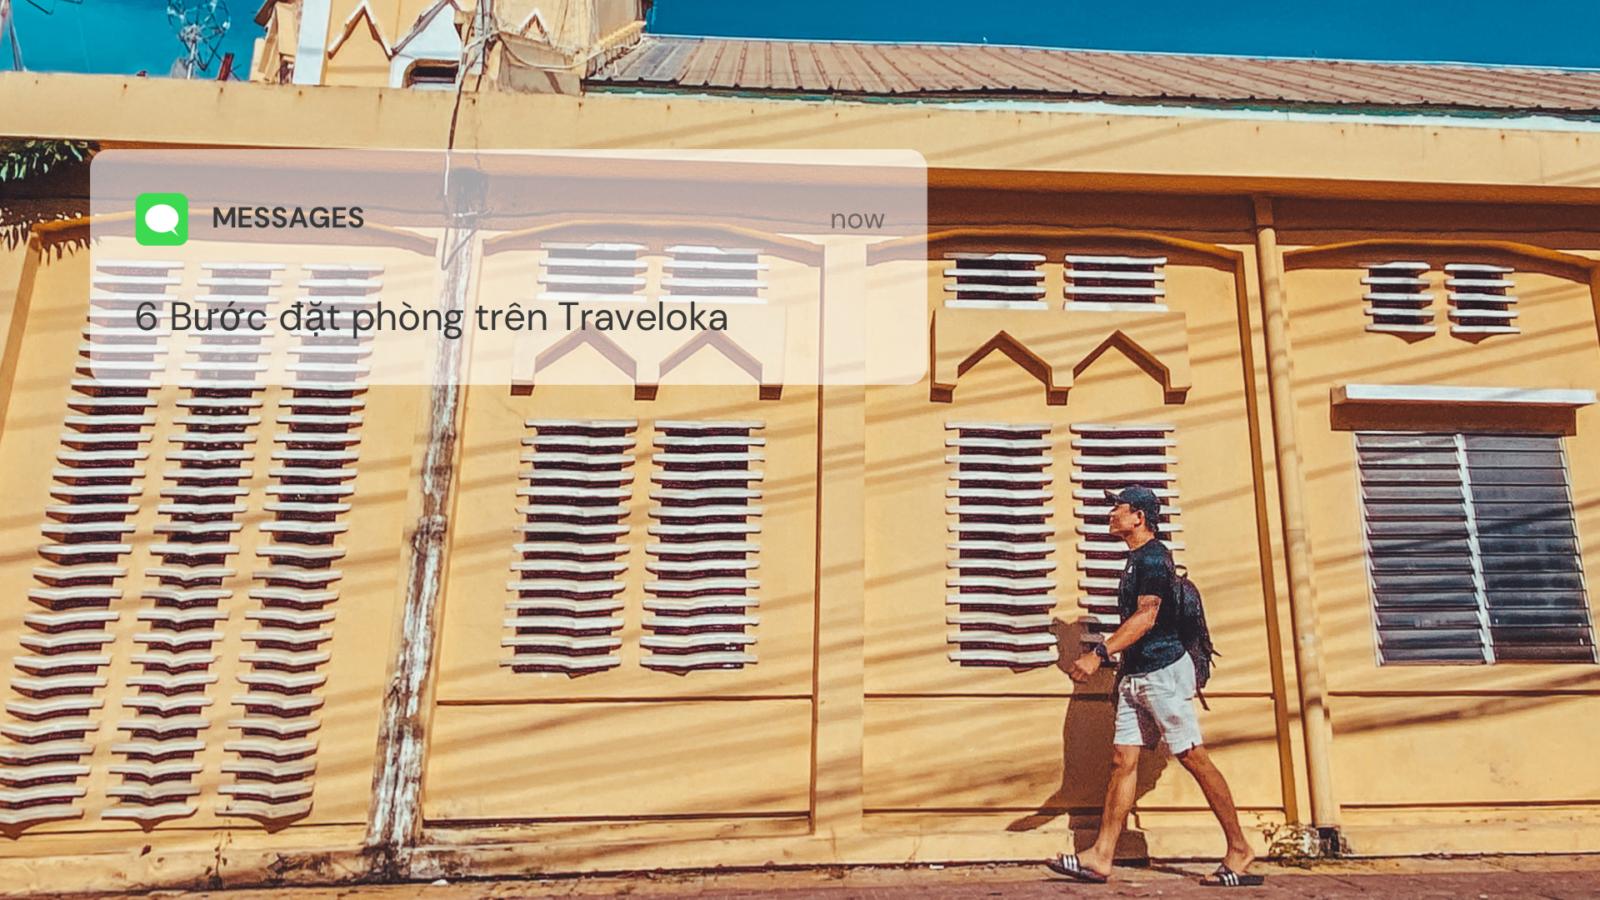 6 Bước đặt phòng trên Traveloka